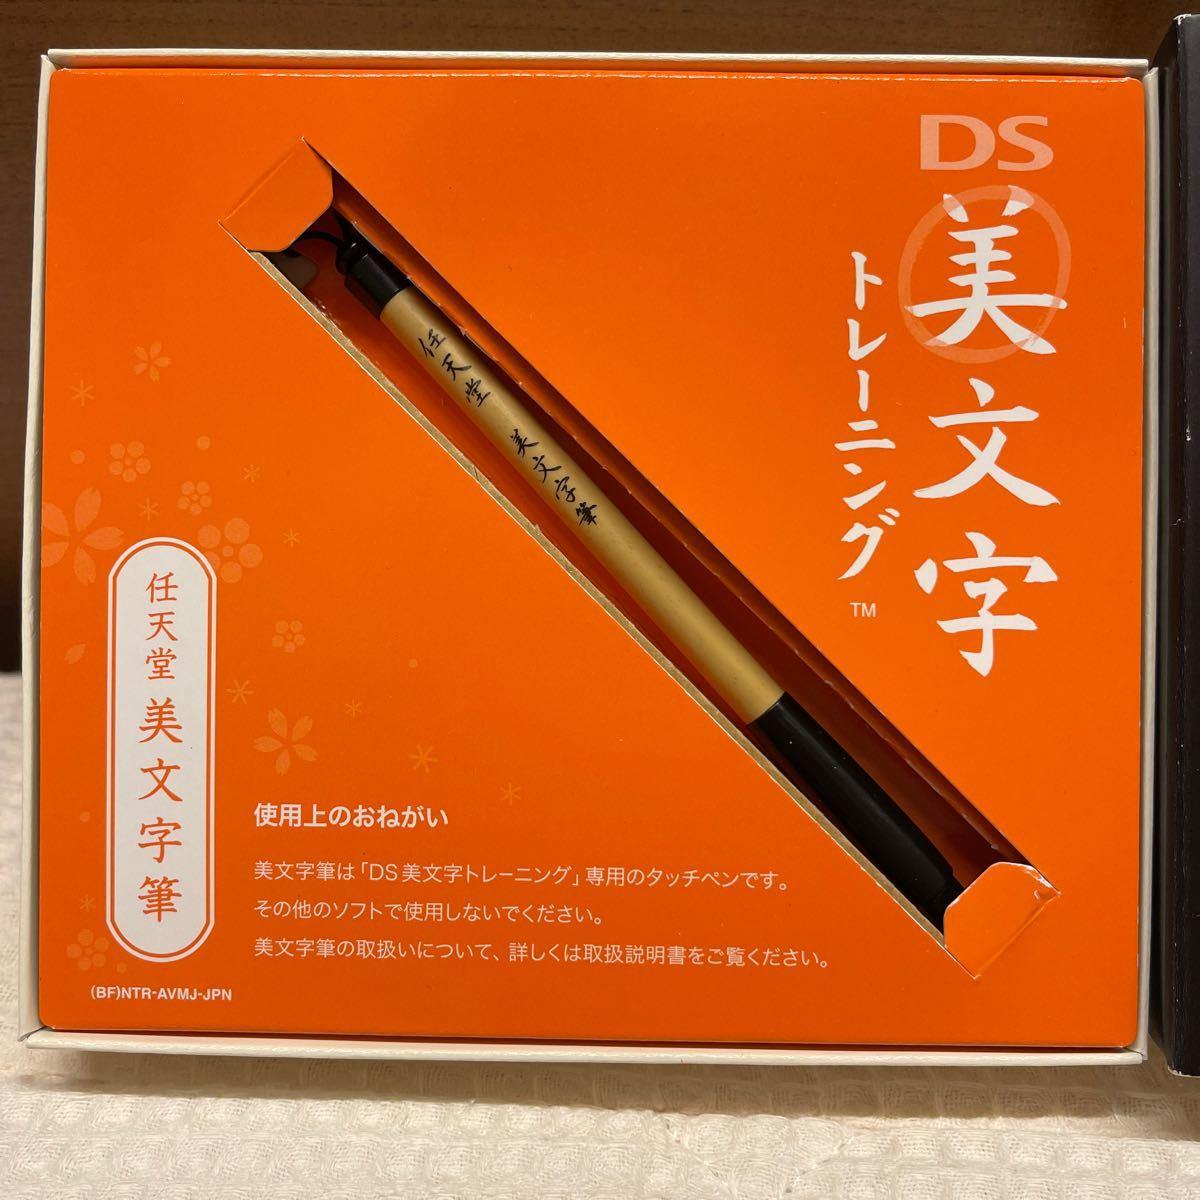 【DS】 DS美文字トレーニング 筆型タッチペン付き